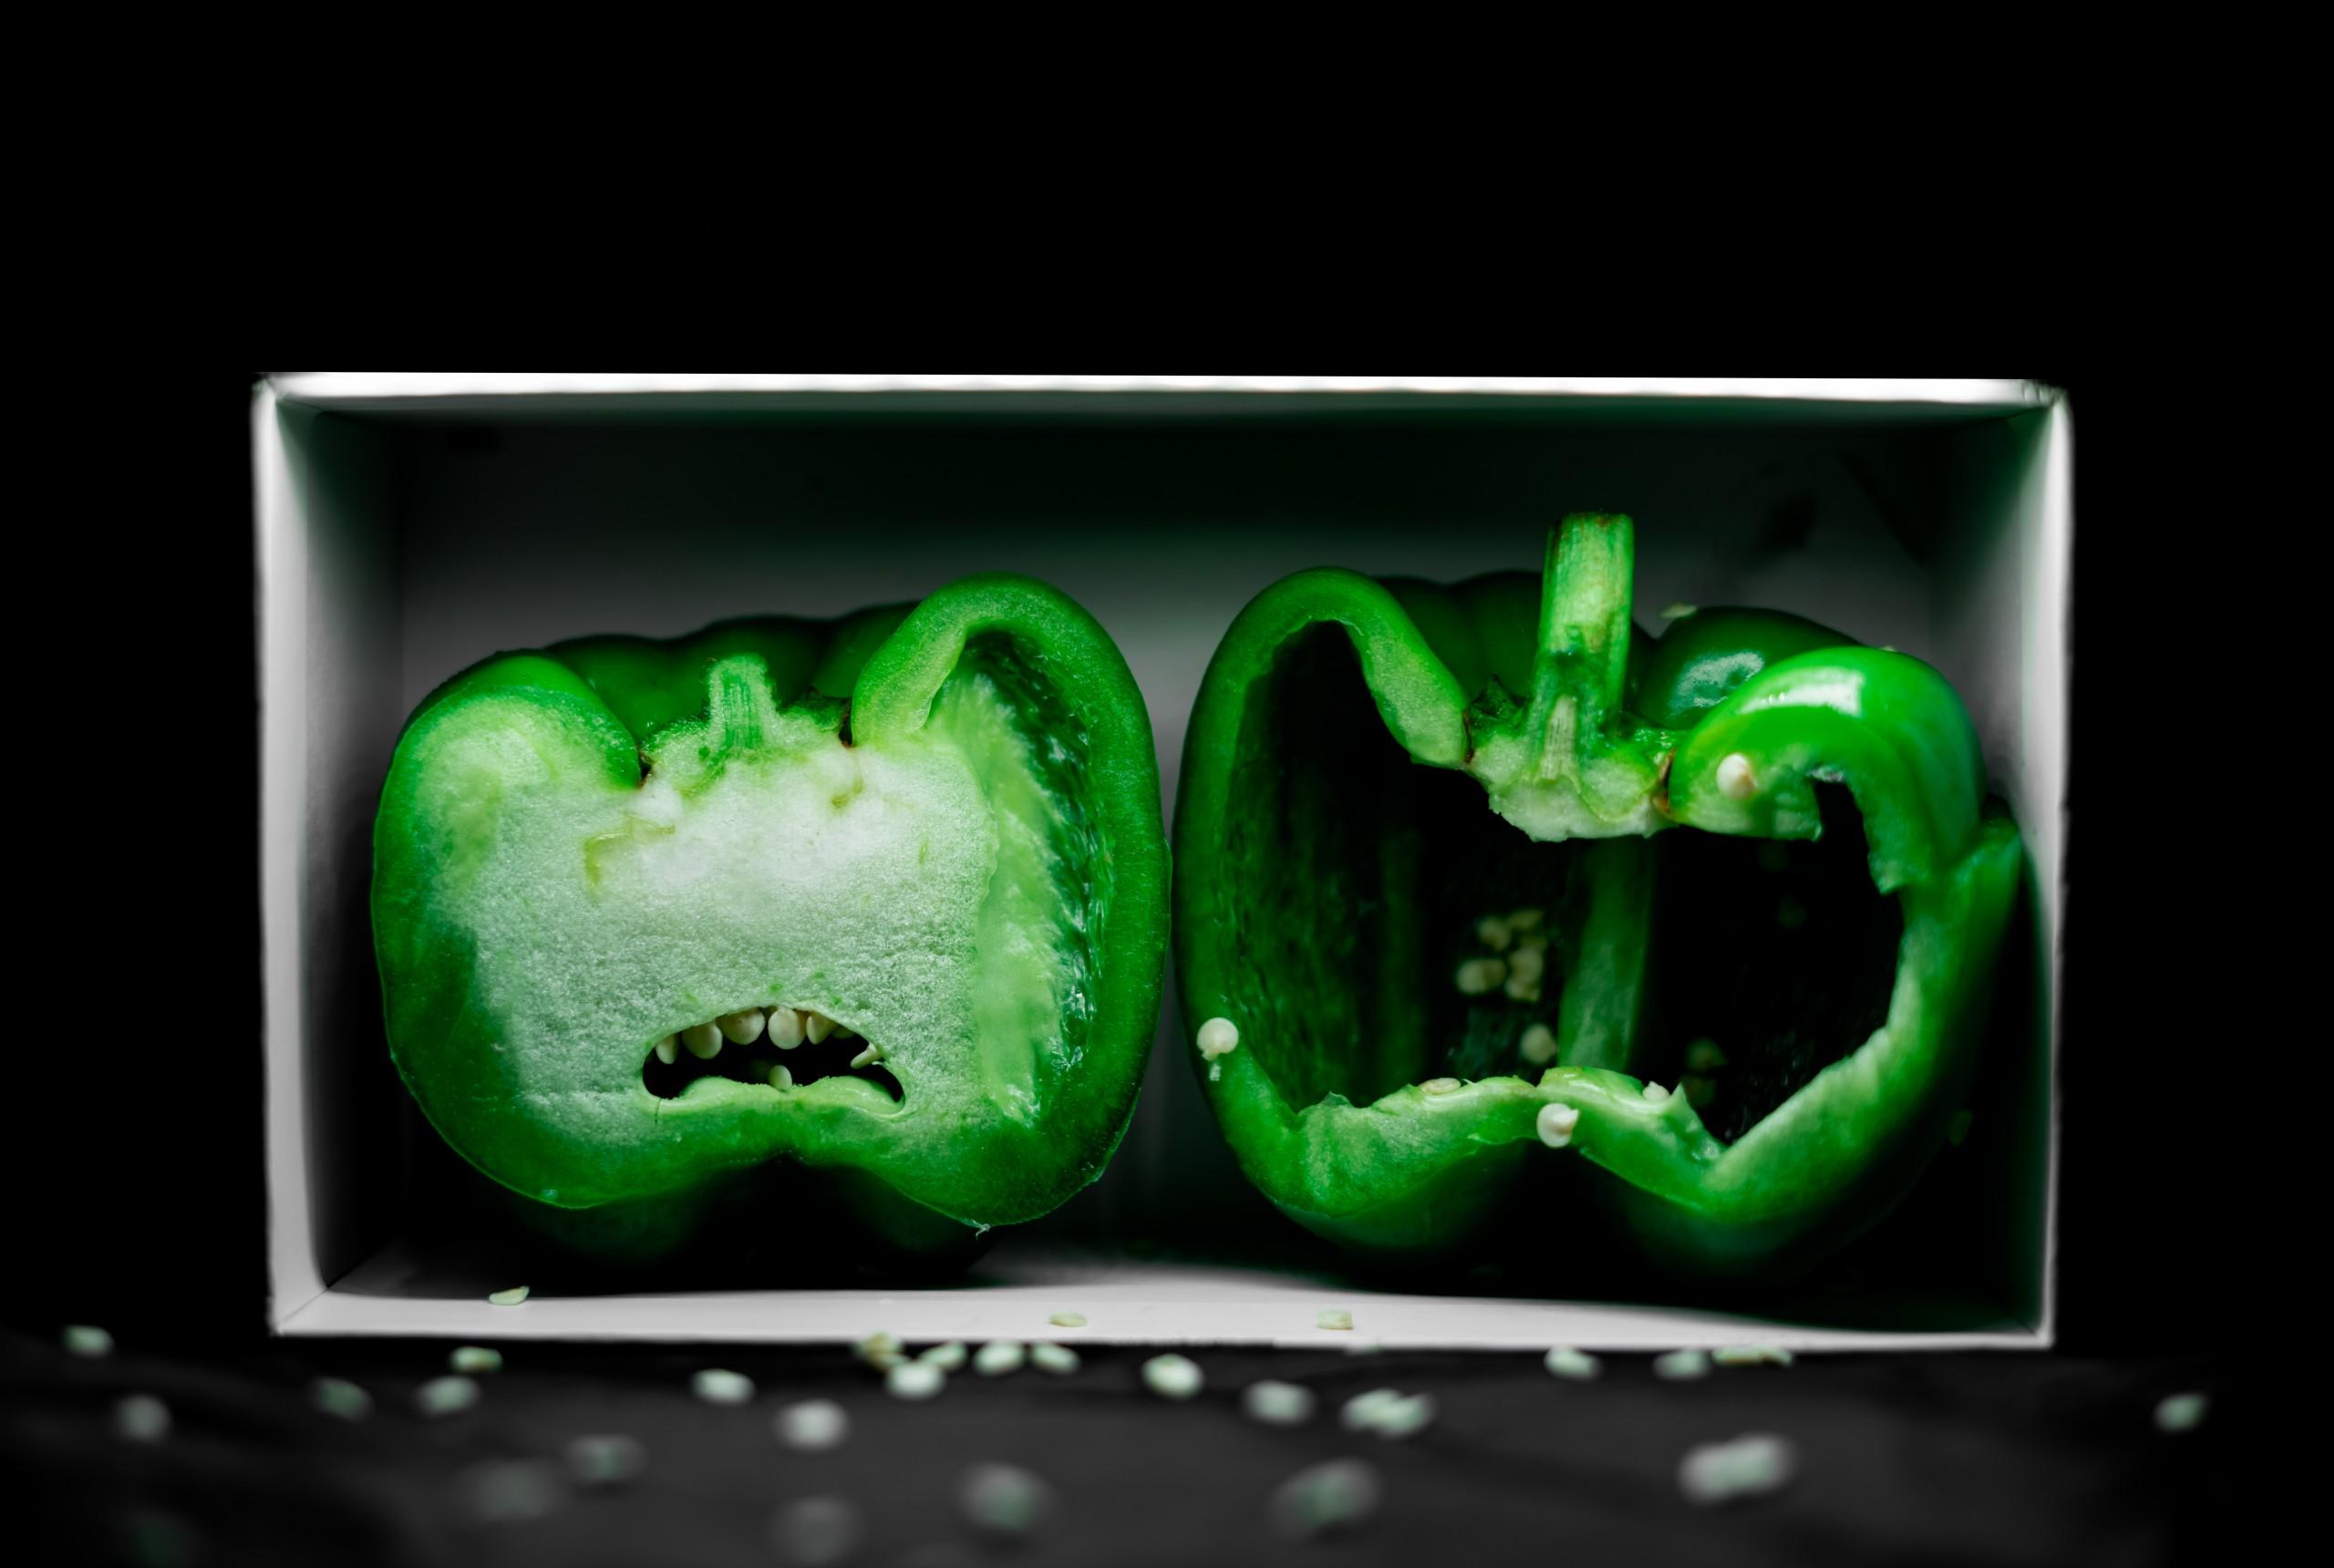 Green Capsicum in box